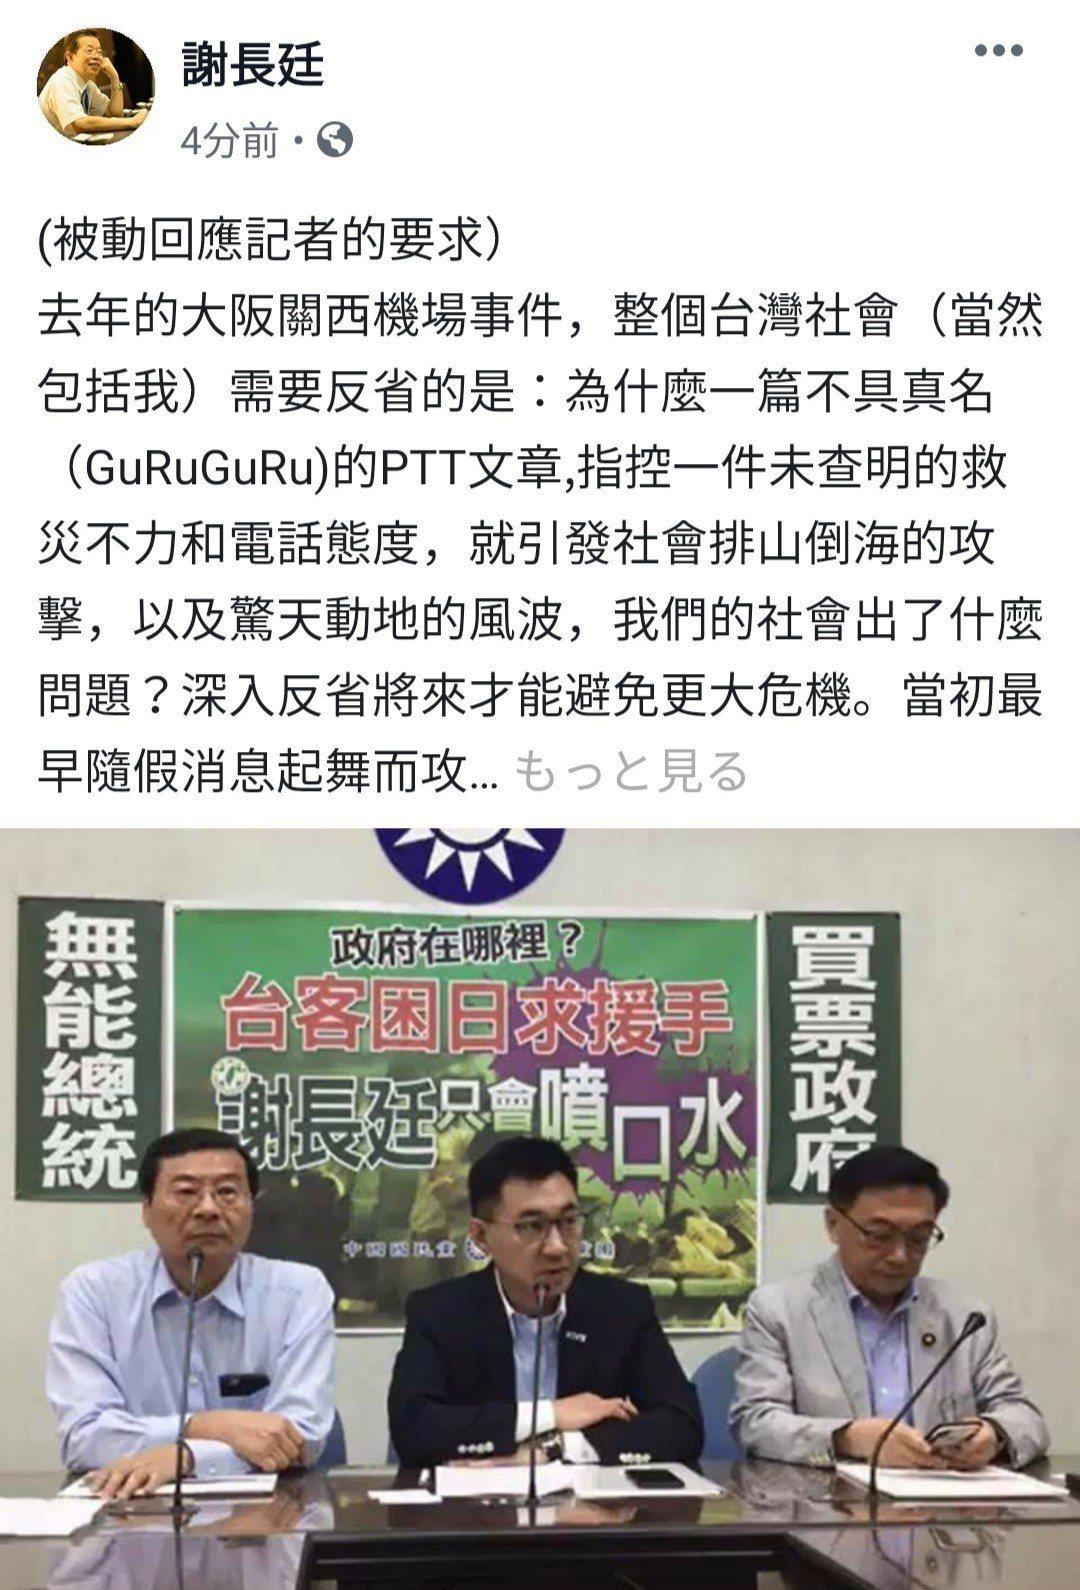 駐日代表謝長廷在臉書再貼文回應民代對「idcc」的質疑,他呼籲尊重檢調,任何人不...